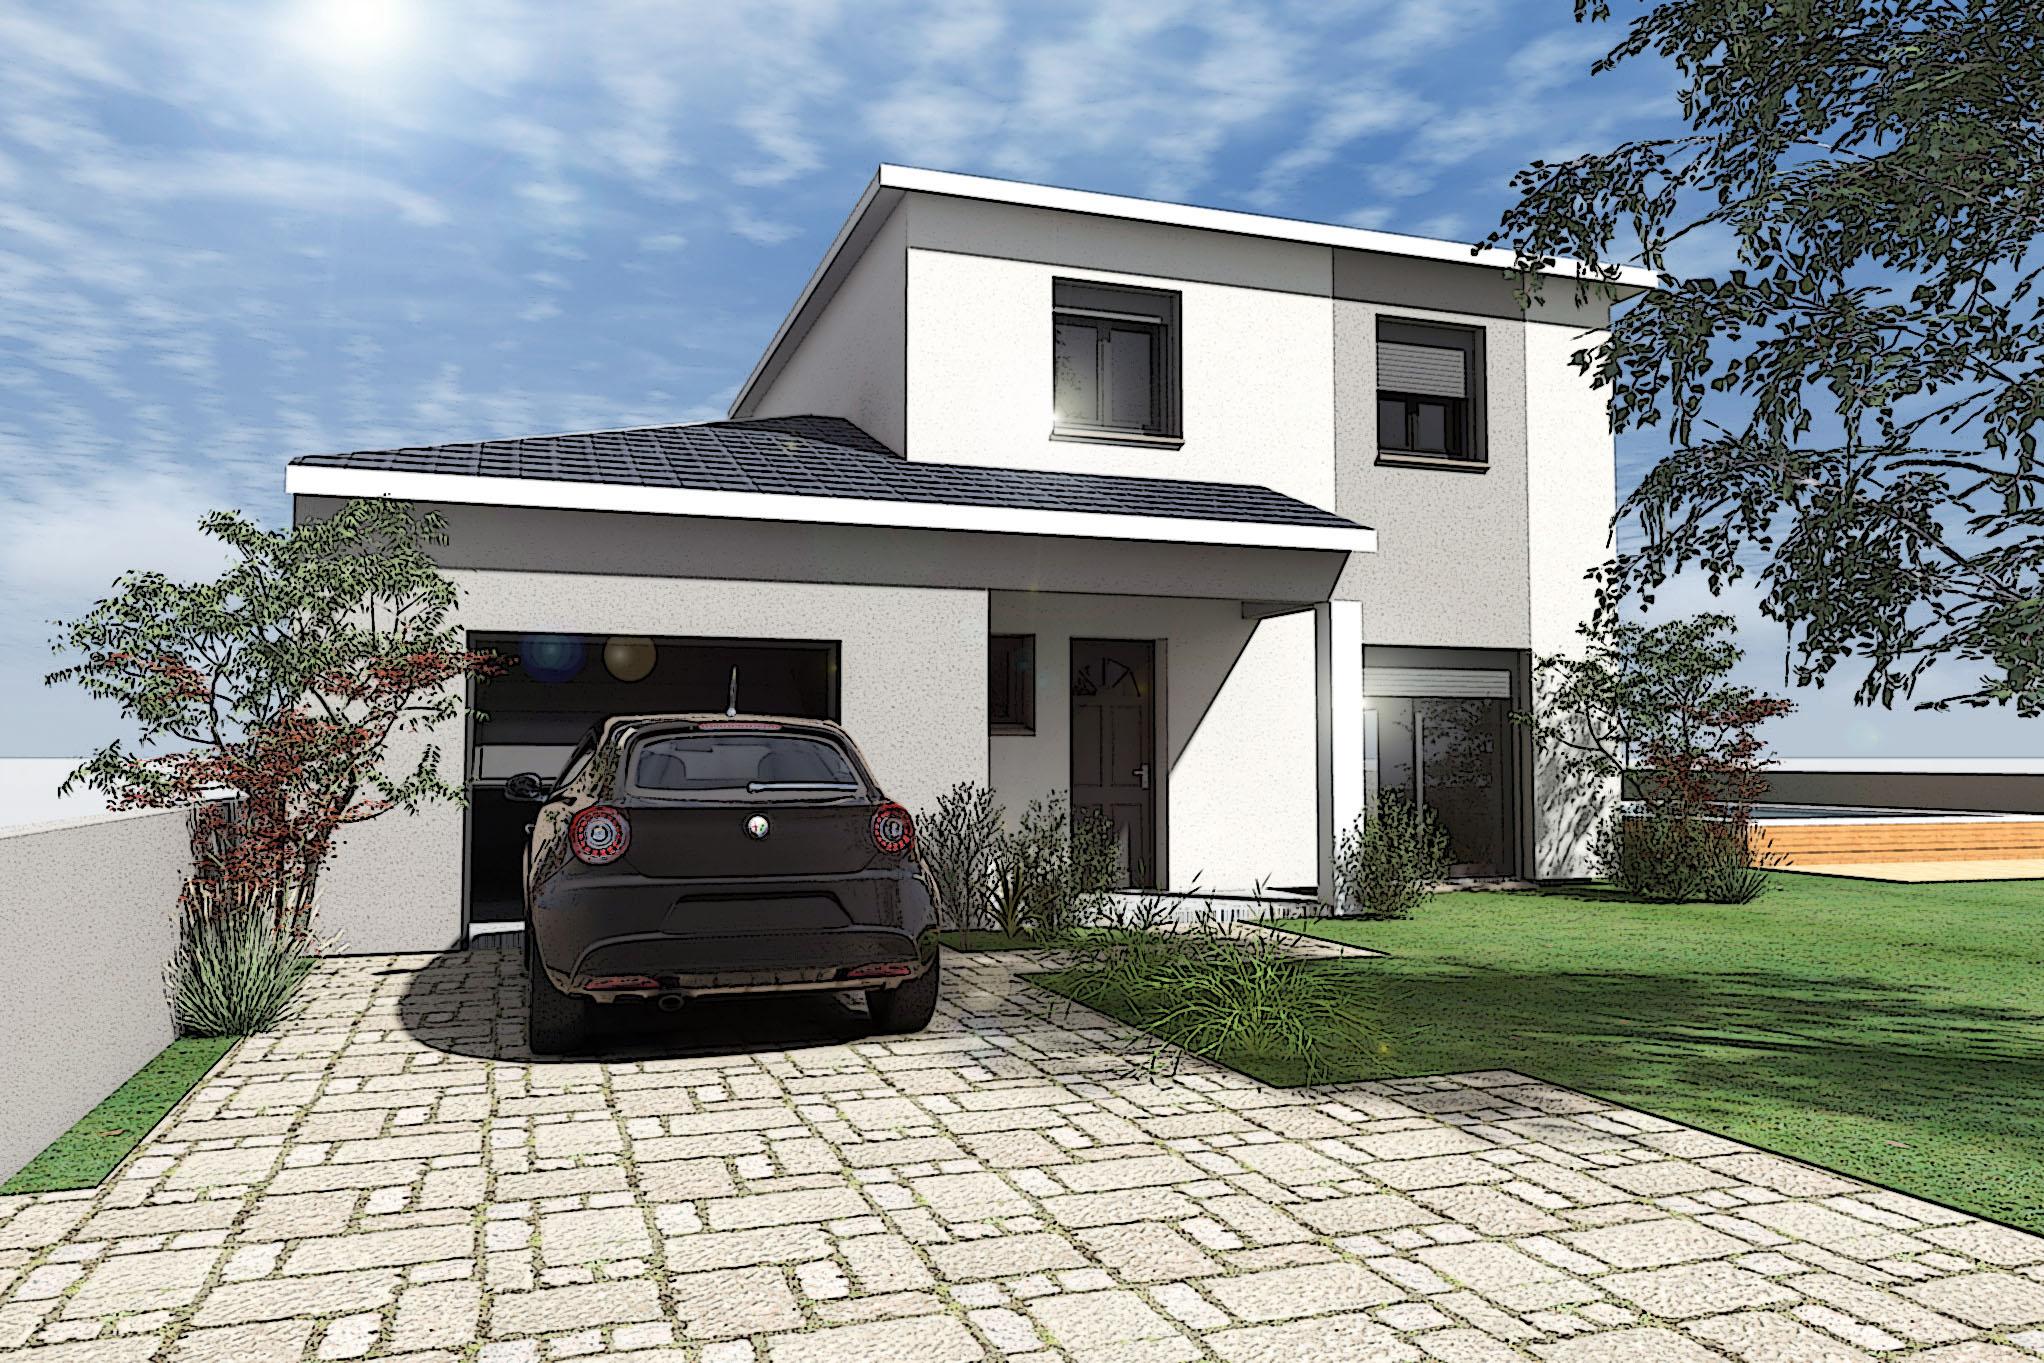 Maisons + Terrains du constructeur VILLAS PLEIN SUD -PRO RENOV26/07-D • 85 m² • BOURG DE PEAGE